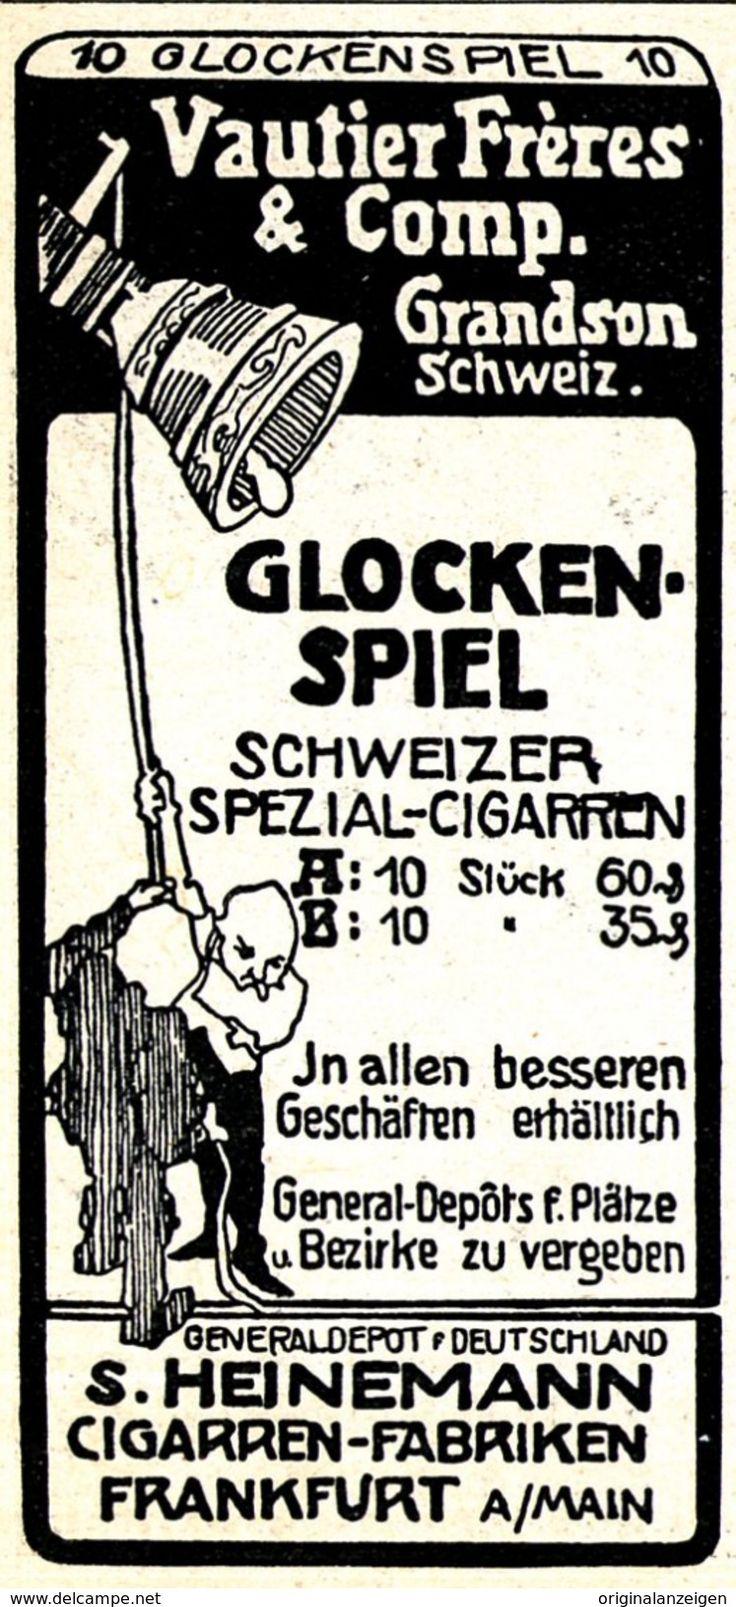 Werbung - Original-Werbung/ Anzeige 1908 - GLOCKEN-SPIEL / SCHWEIZER CIGARETTEN / HEINEMANN - FRANKFURT a.M. - ca. 45 x 90 mm